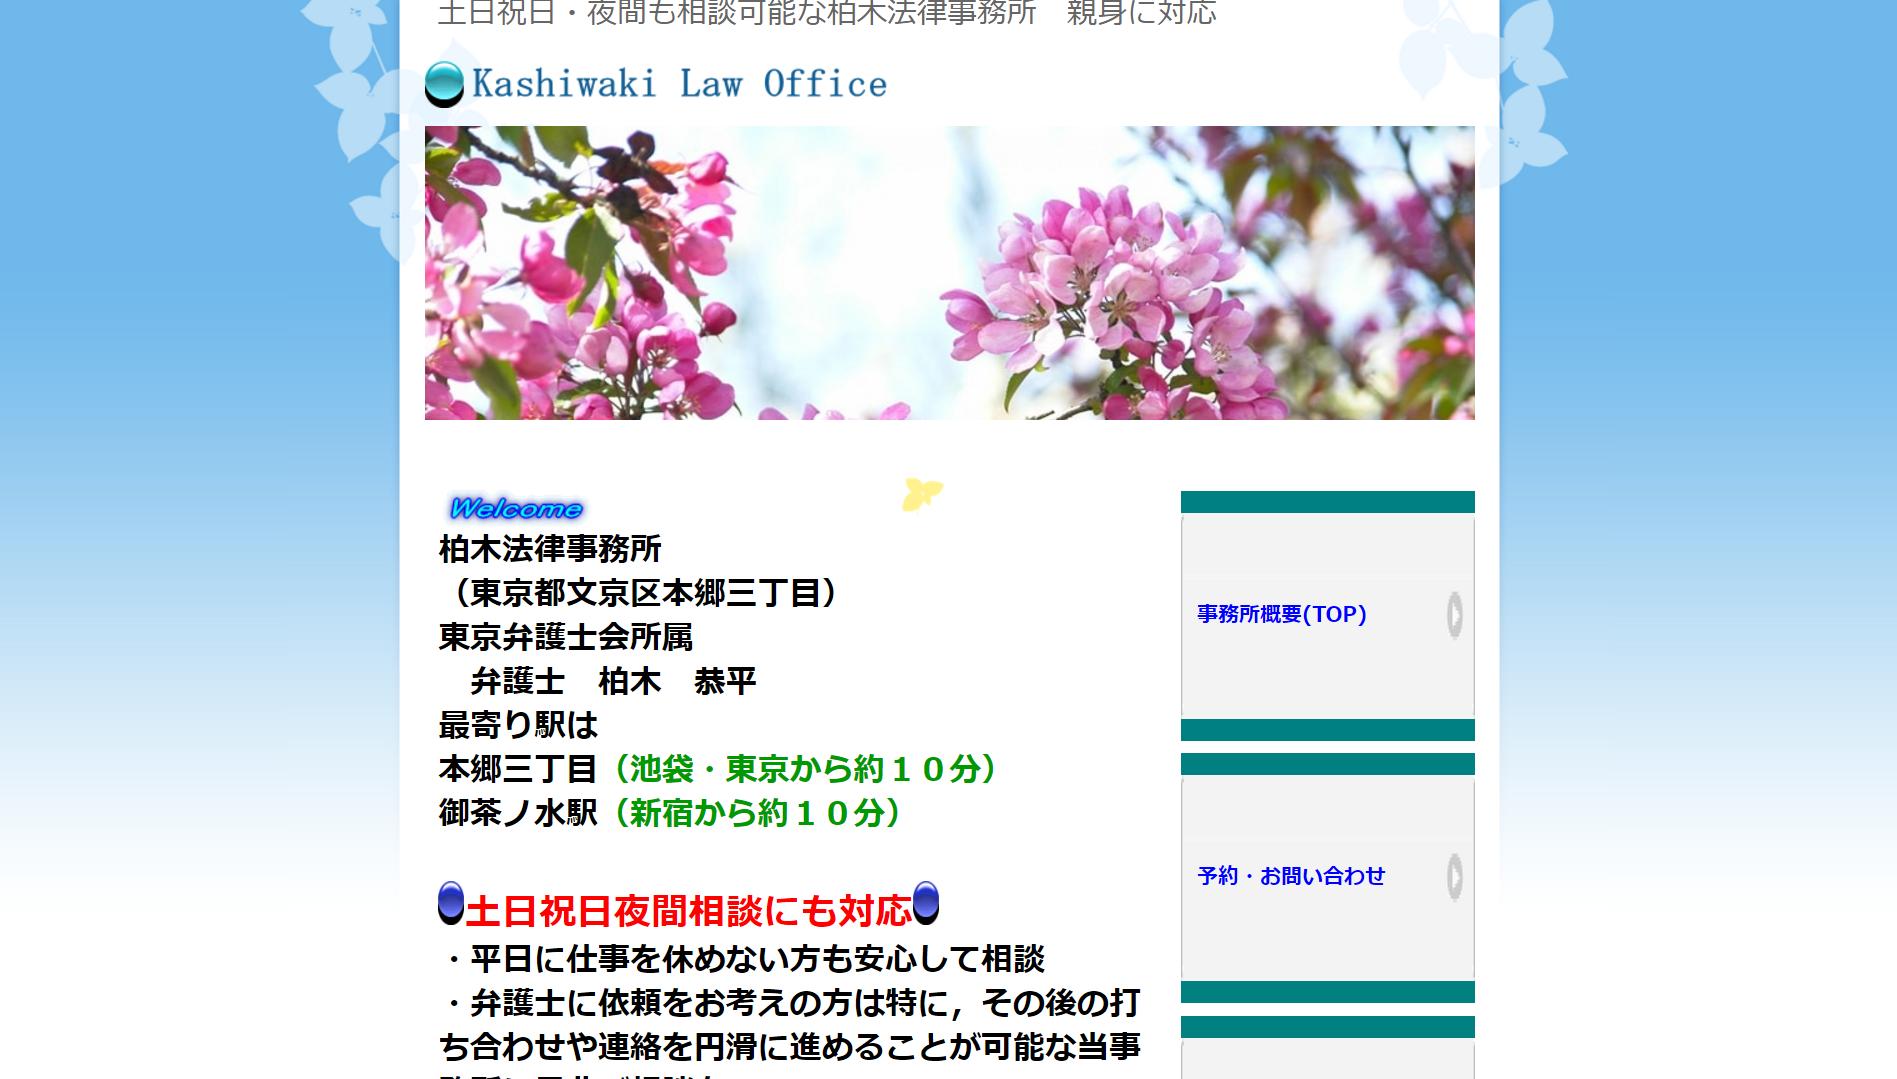 柏木法律事務所(東京都文京区本郷)